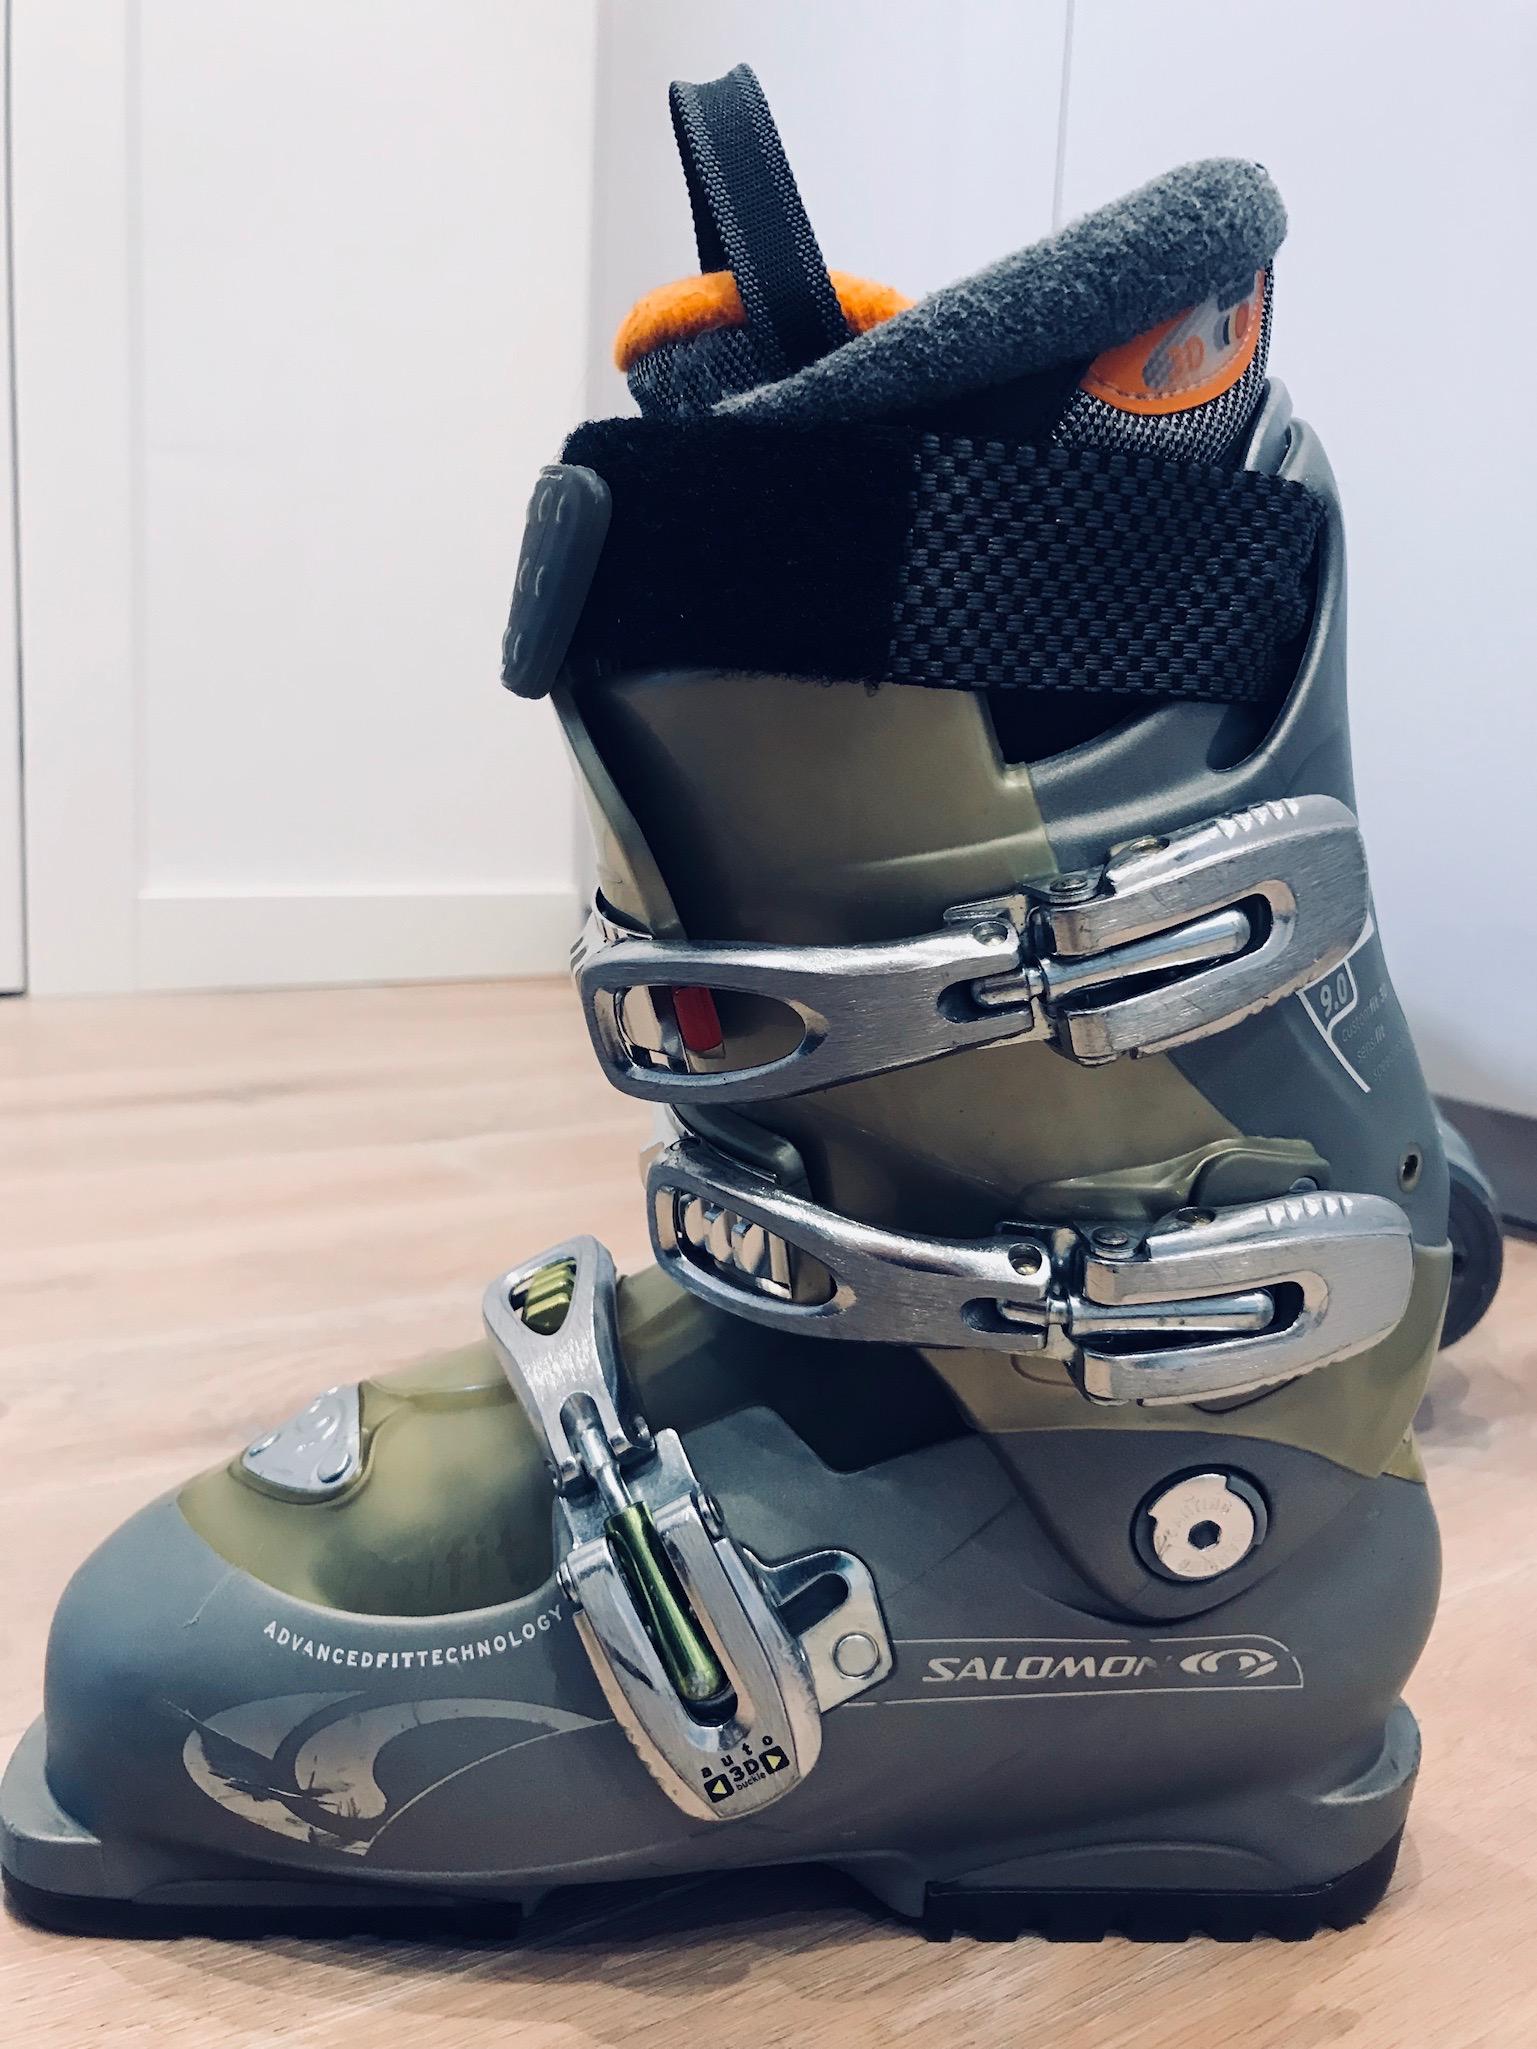 Buty narciarskie Salomon Ellipse 9.0 rozmiar 25 Warszawa